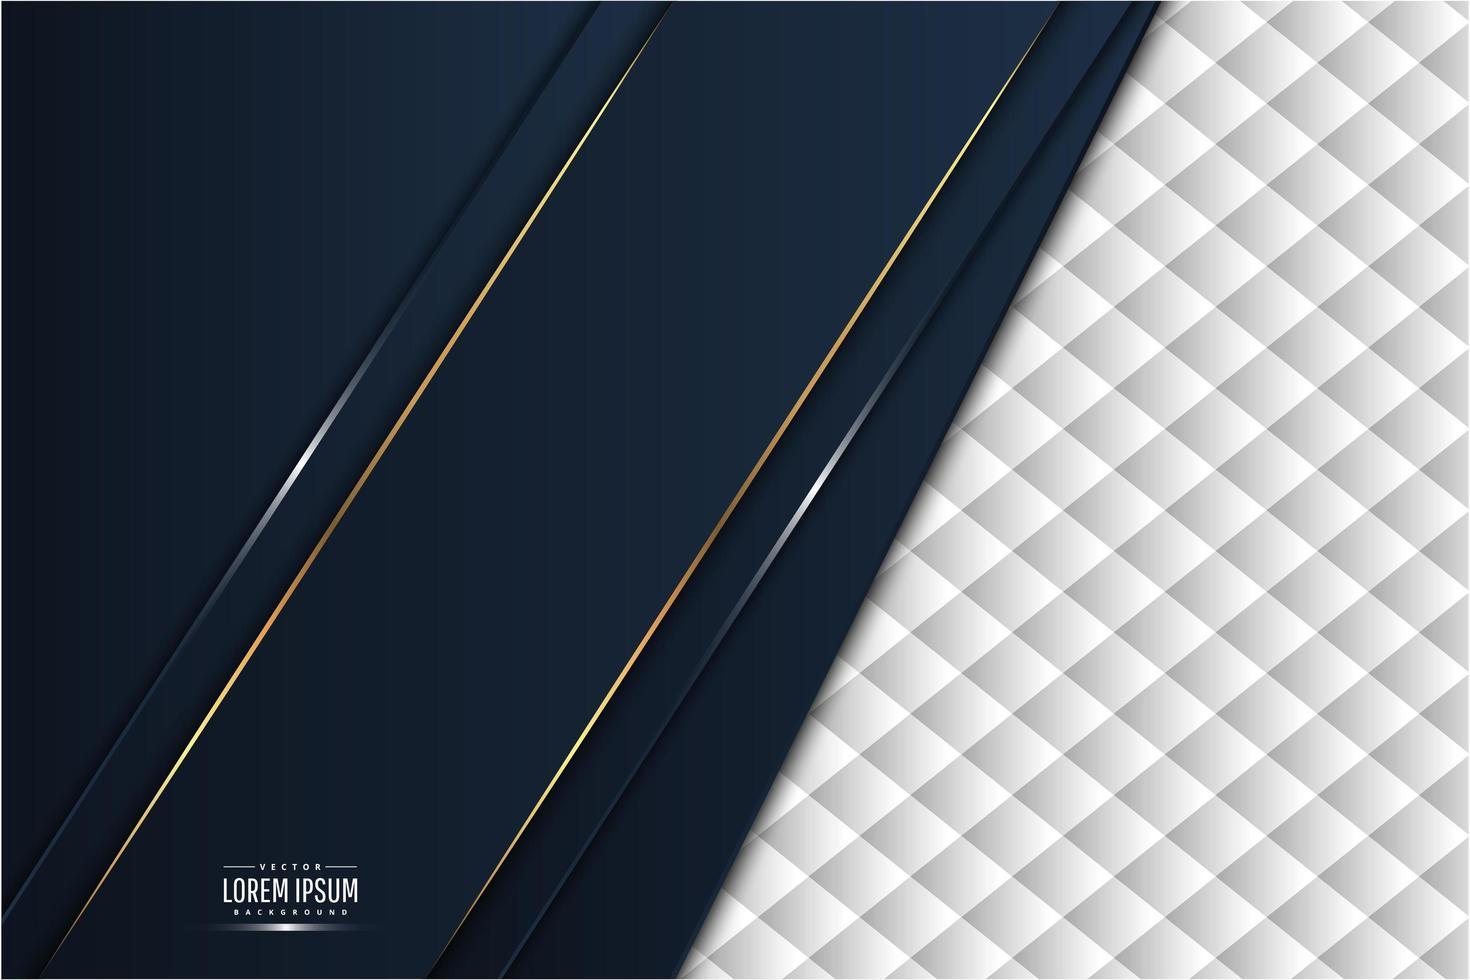 métal bleu et or avec un design moderne de rembourrage blanc. vecteur